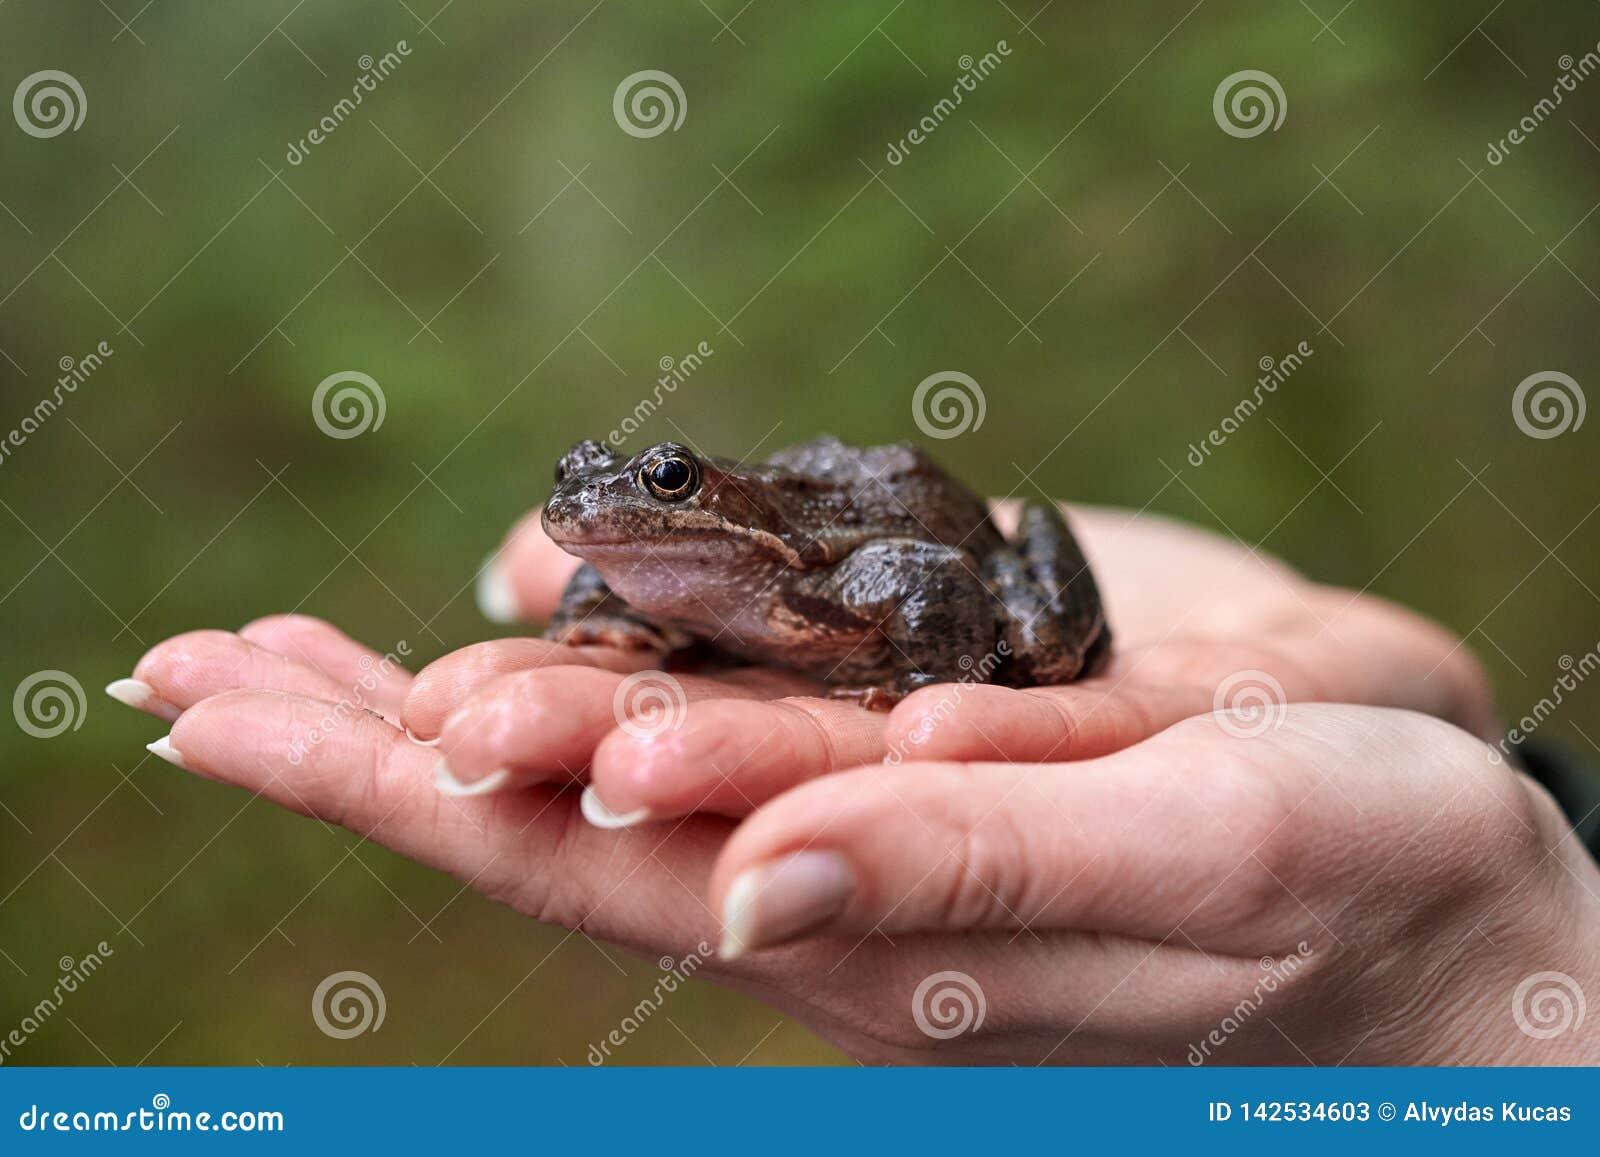 Brown frog in woman`s hands